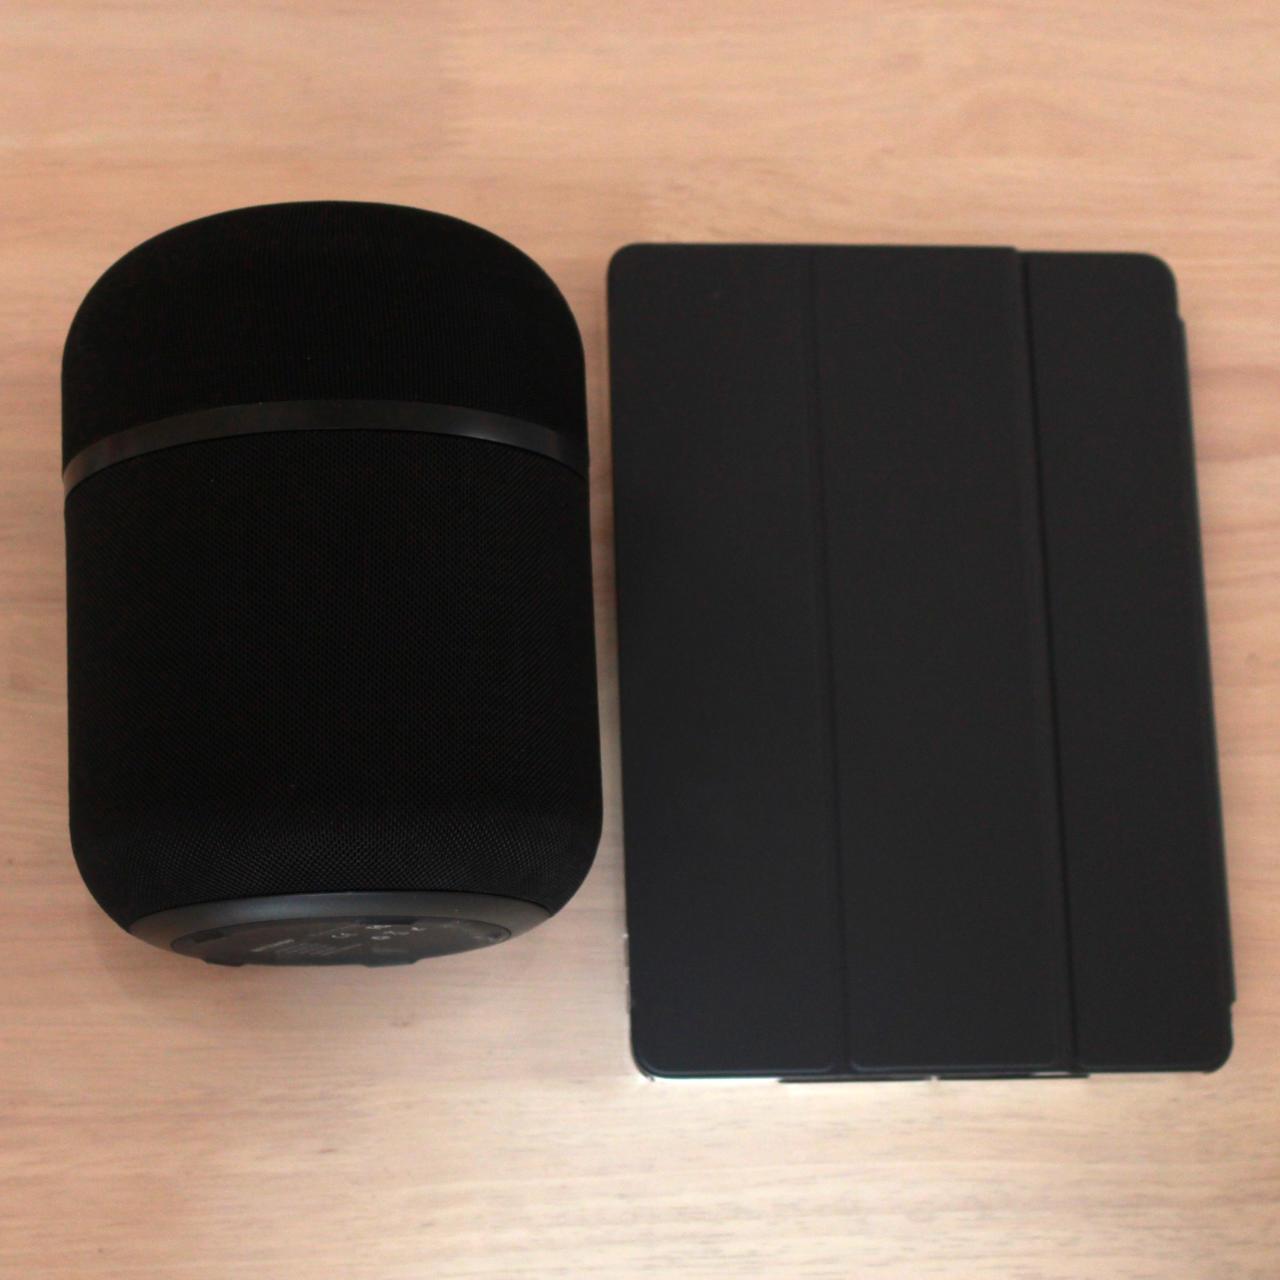 BW-AS3はiPad Air 3よりちょっと小さいがなかなかのサイズ